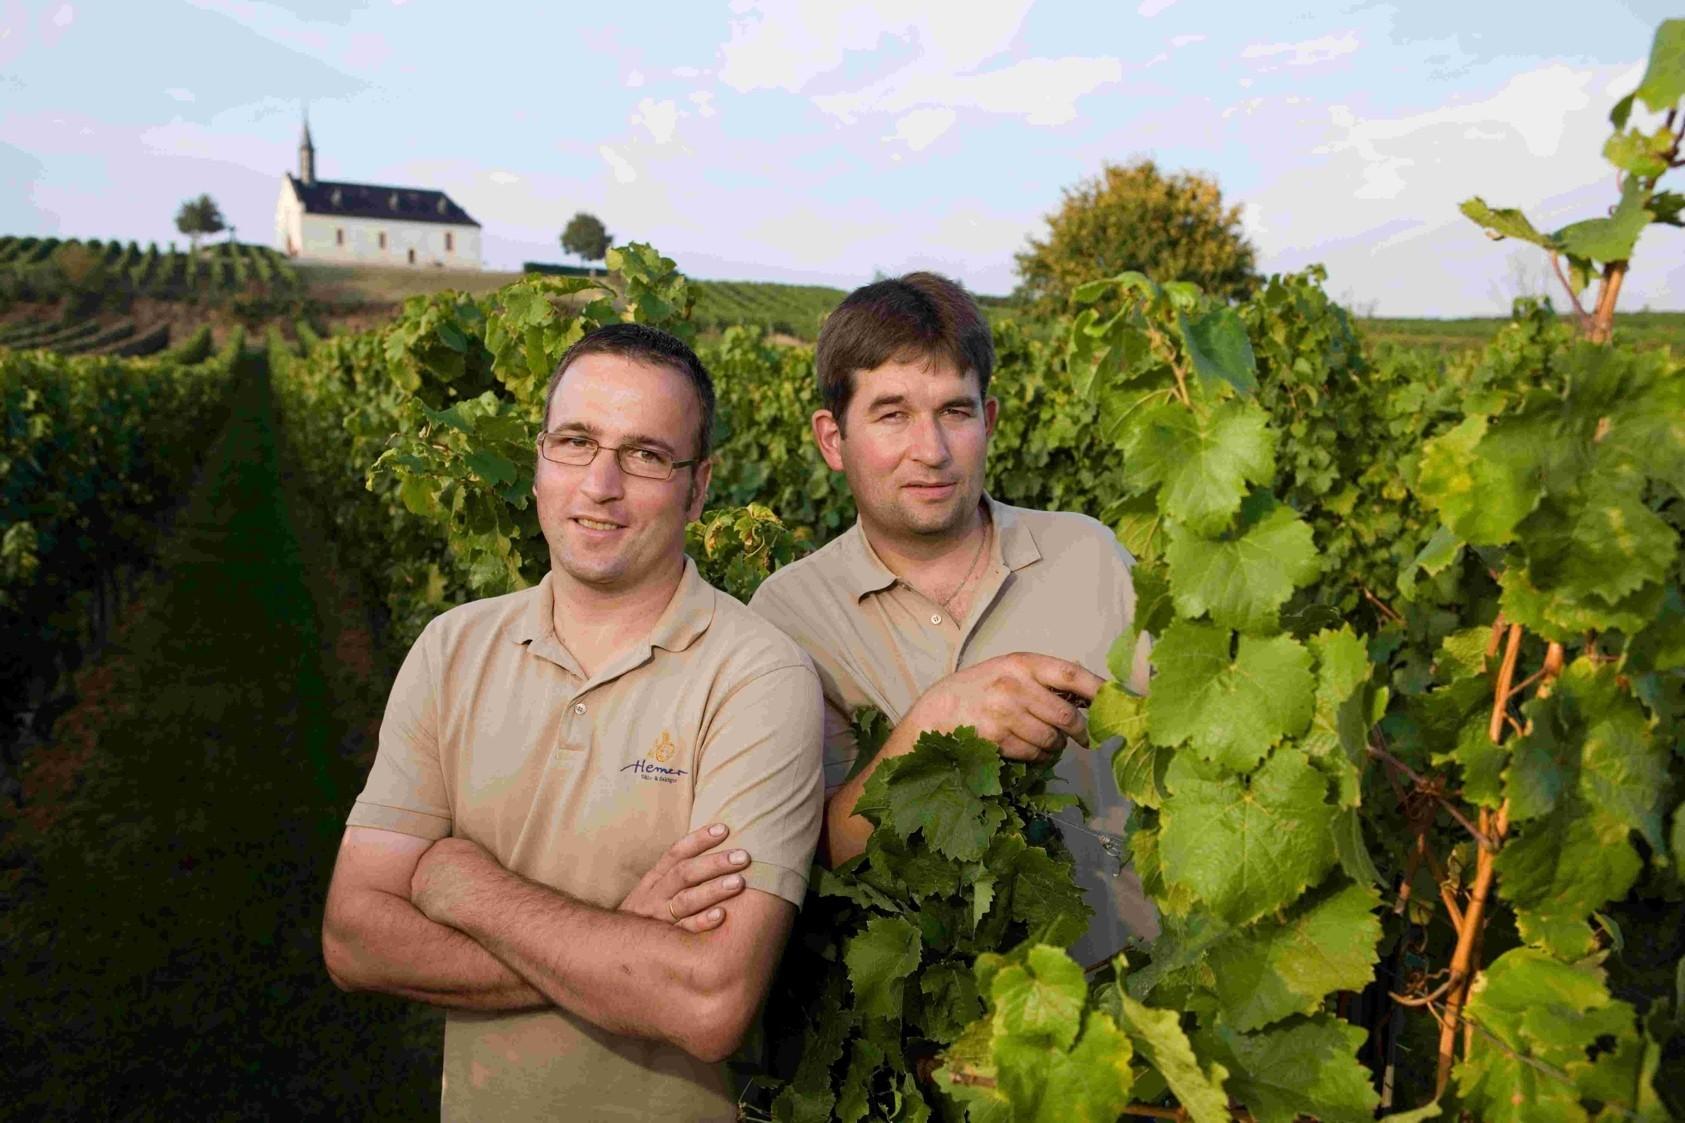 Stefan und Andreas Hemer